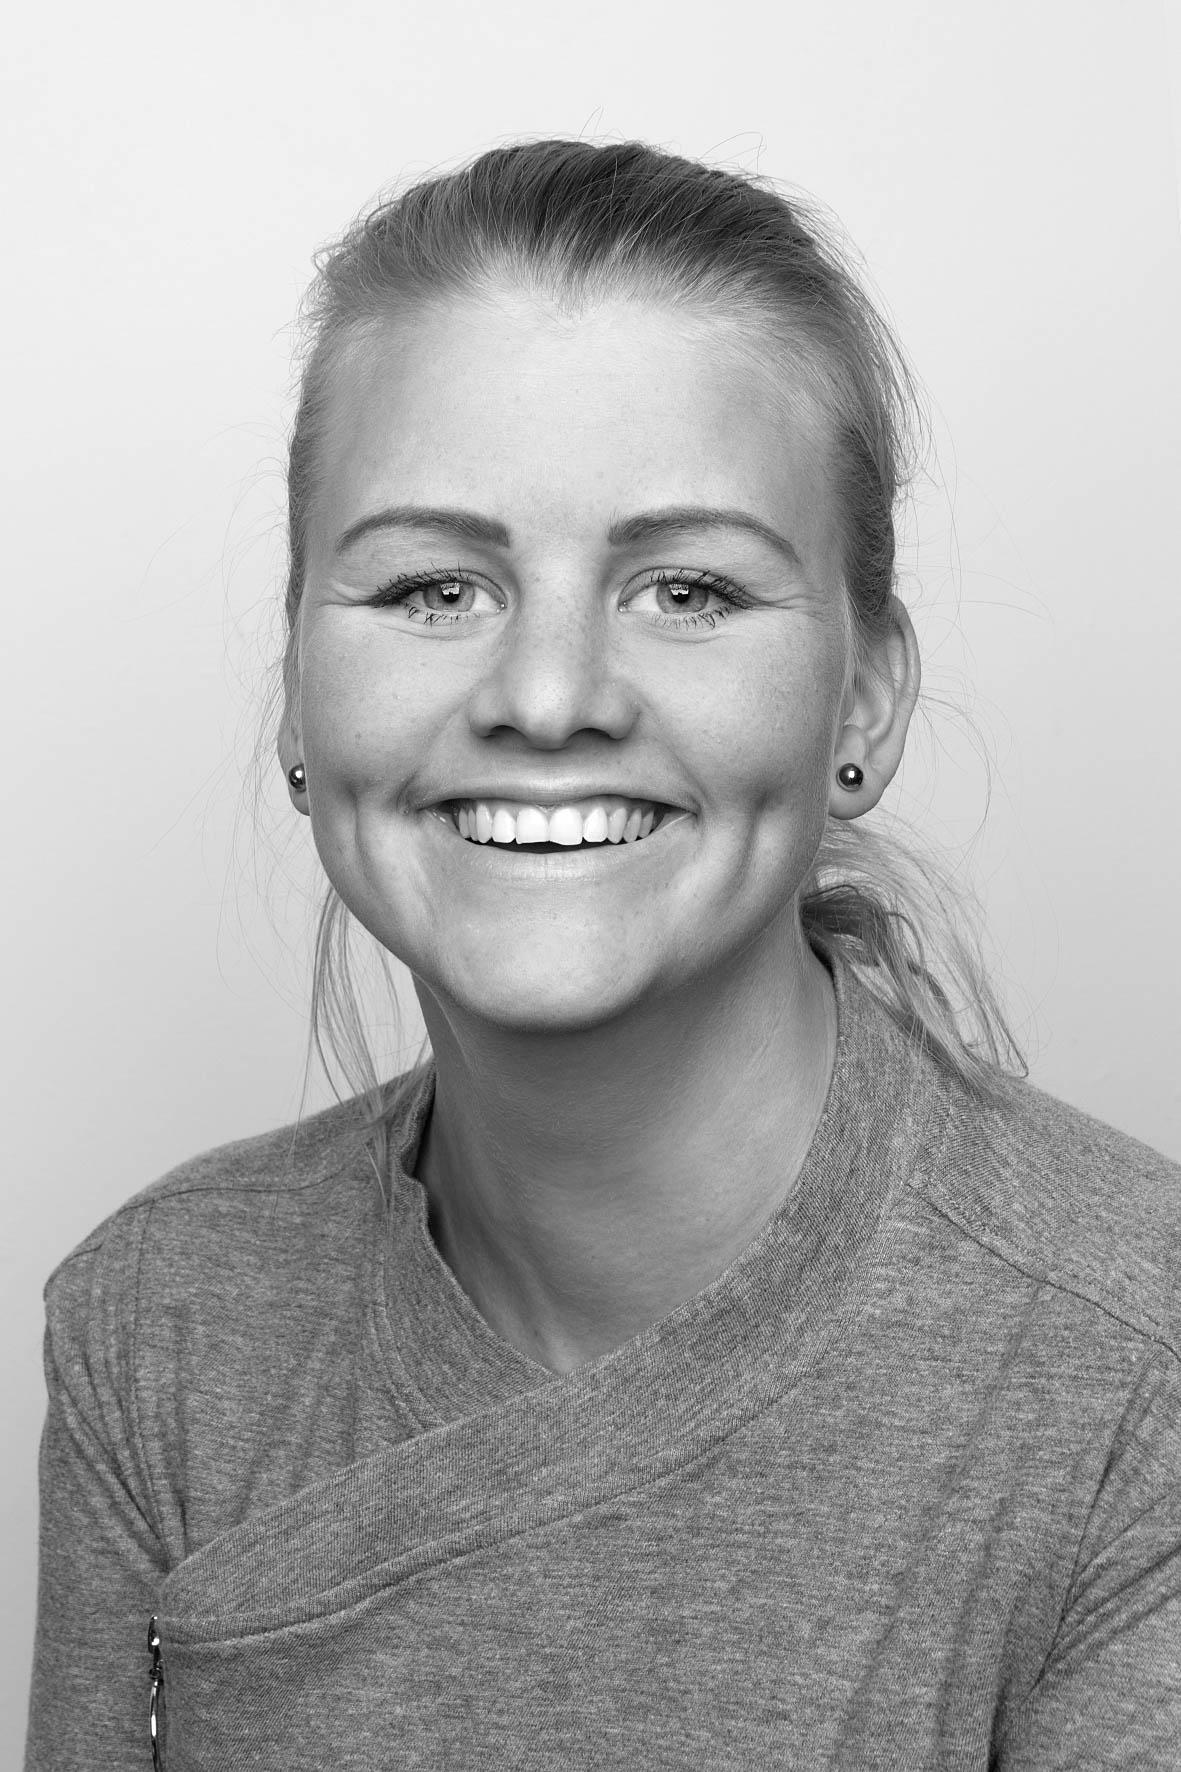 Aðalheiður Lilja Árnadóttir